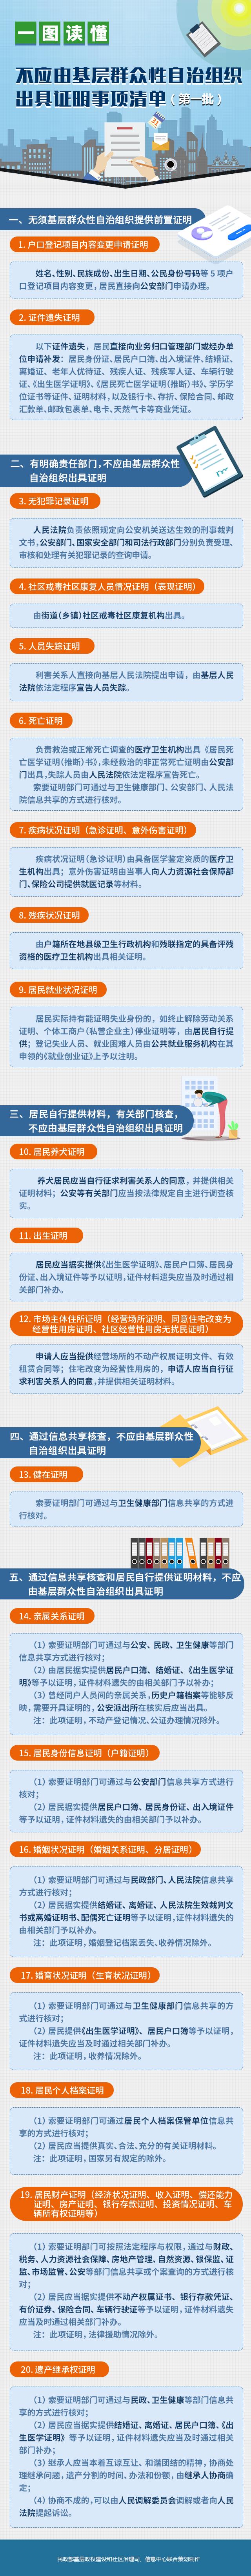 【图解】一图读懂:不应由基础群众性自治组织出具证明事项清单(第一批)